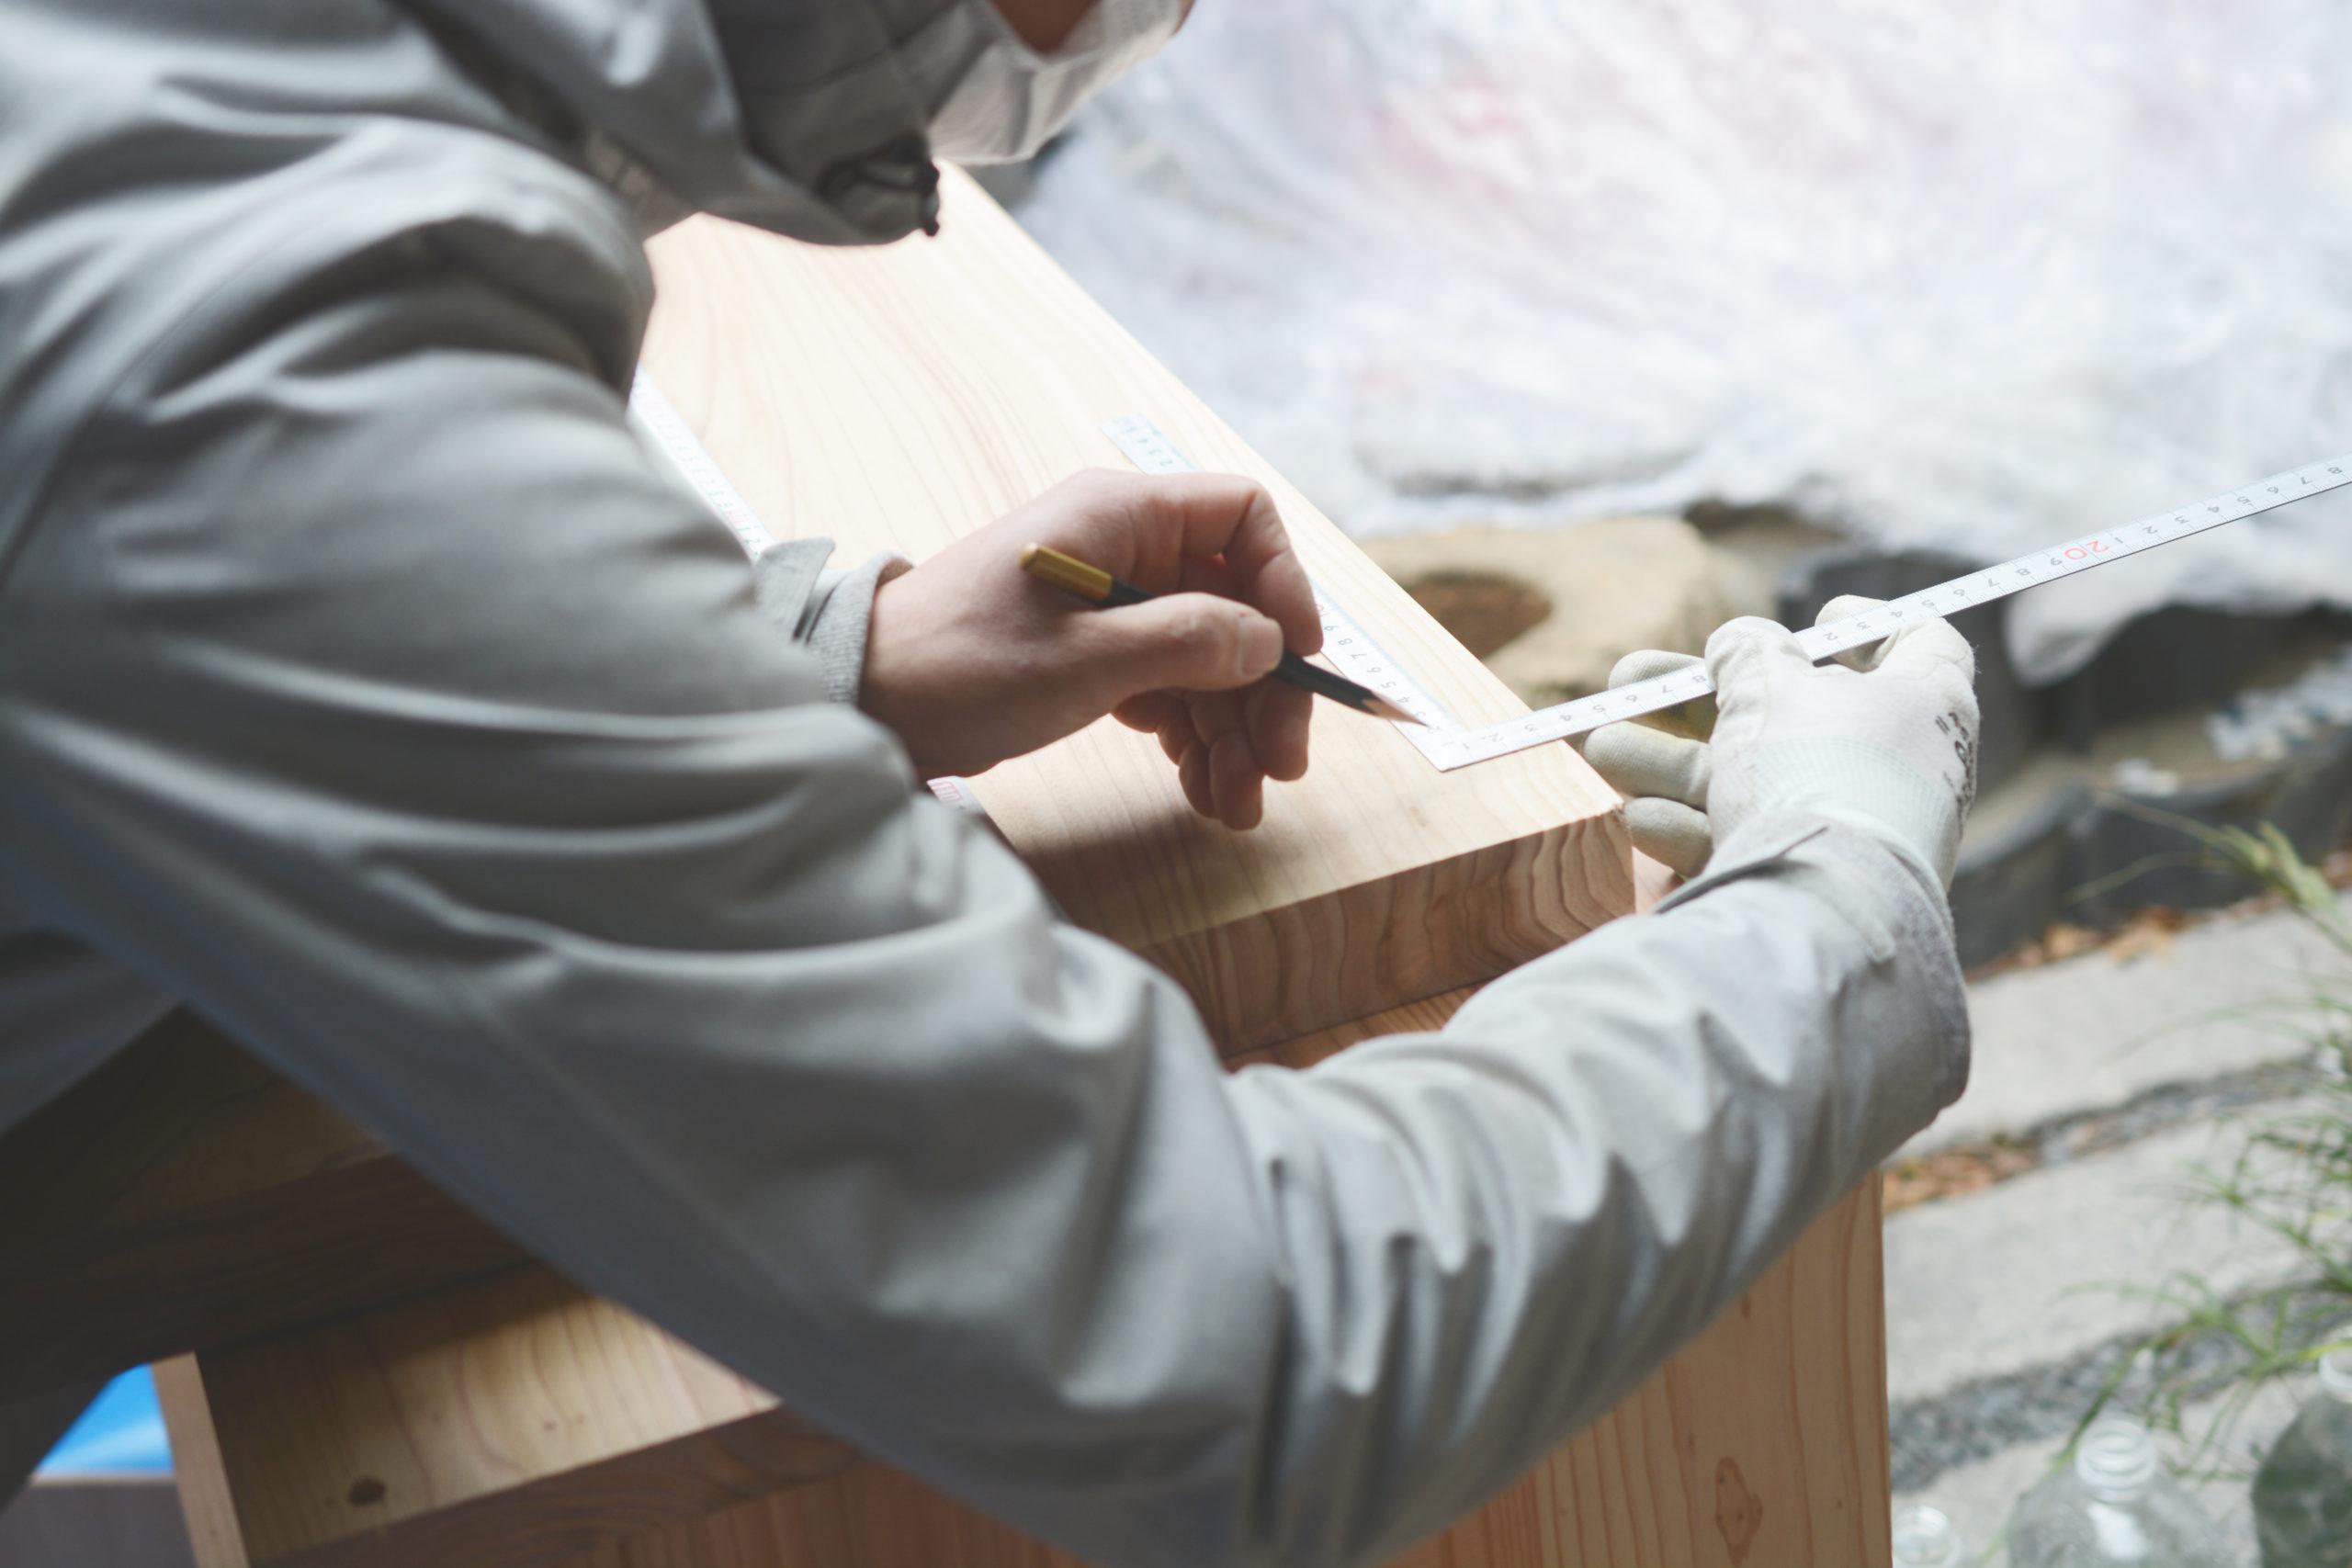 愛媛県松山市~伊予市で、外壁・屋根工事、塗装、リフォームなら │ 愛伊建築